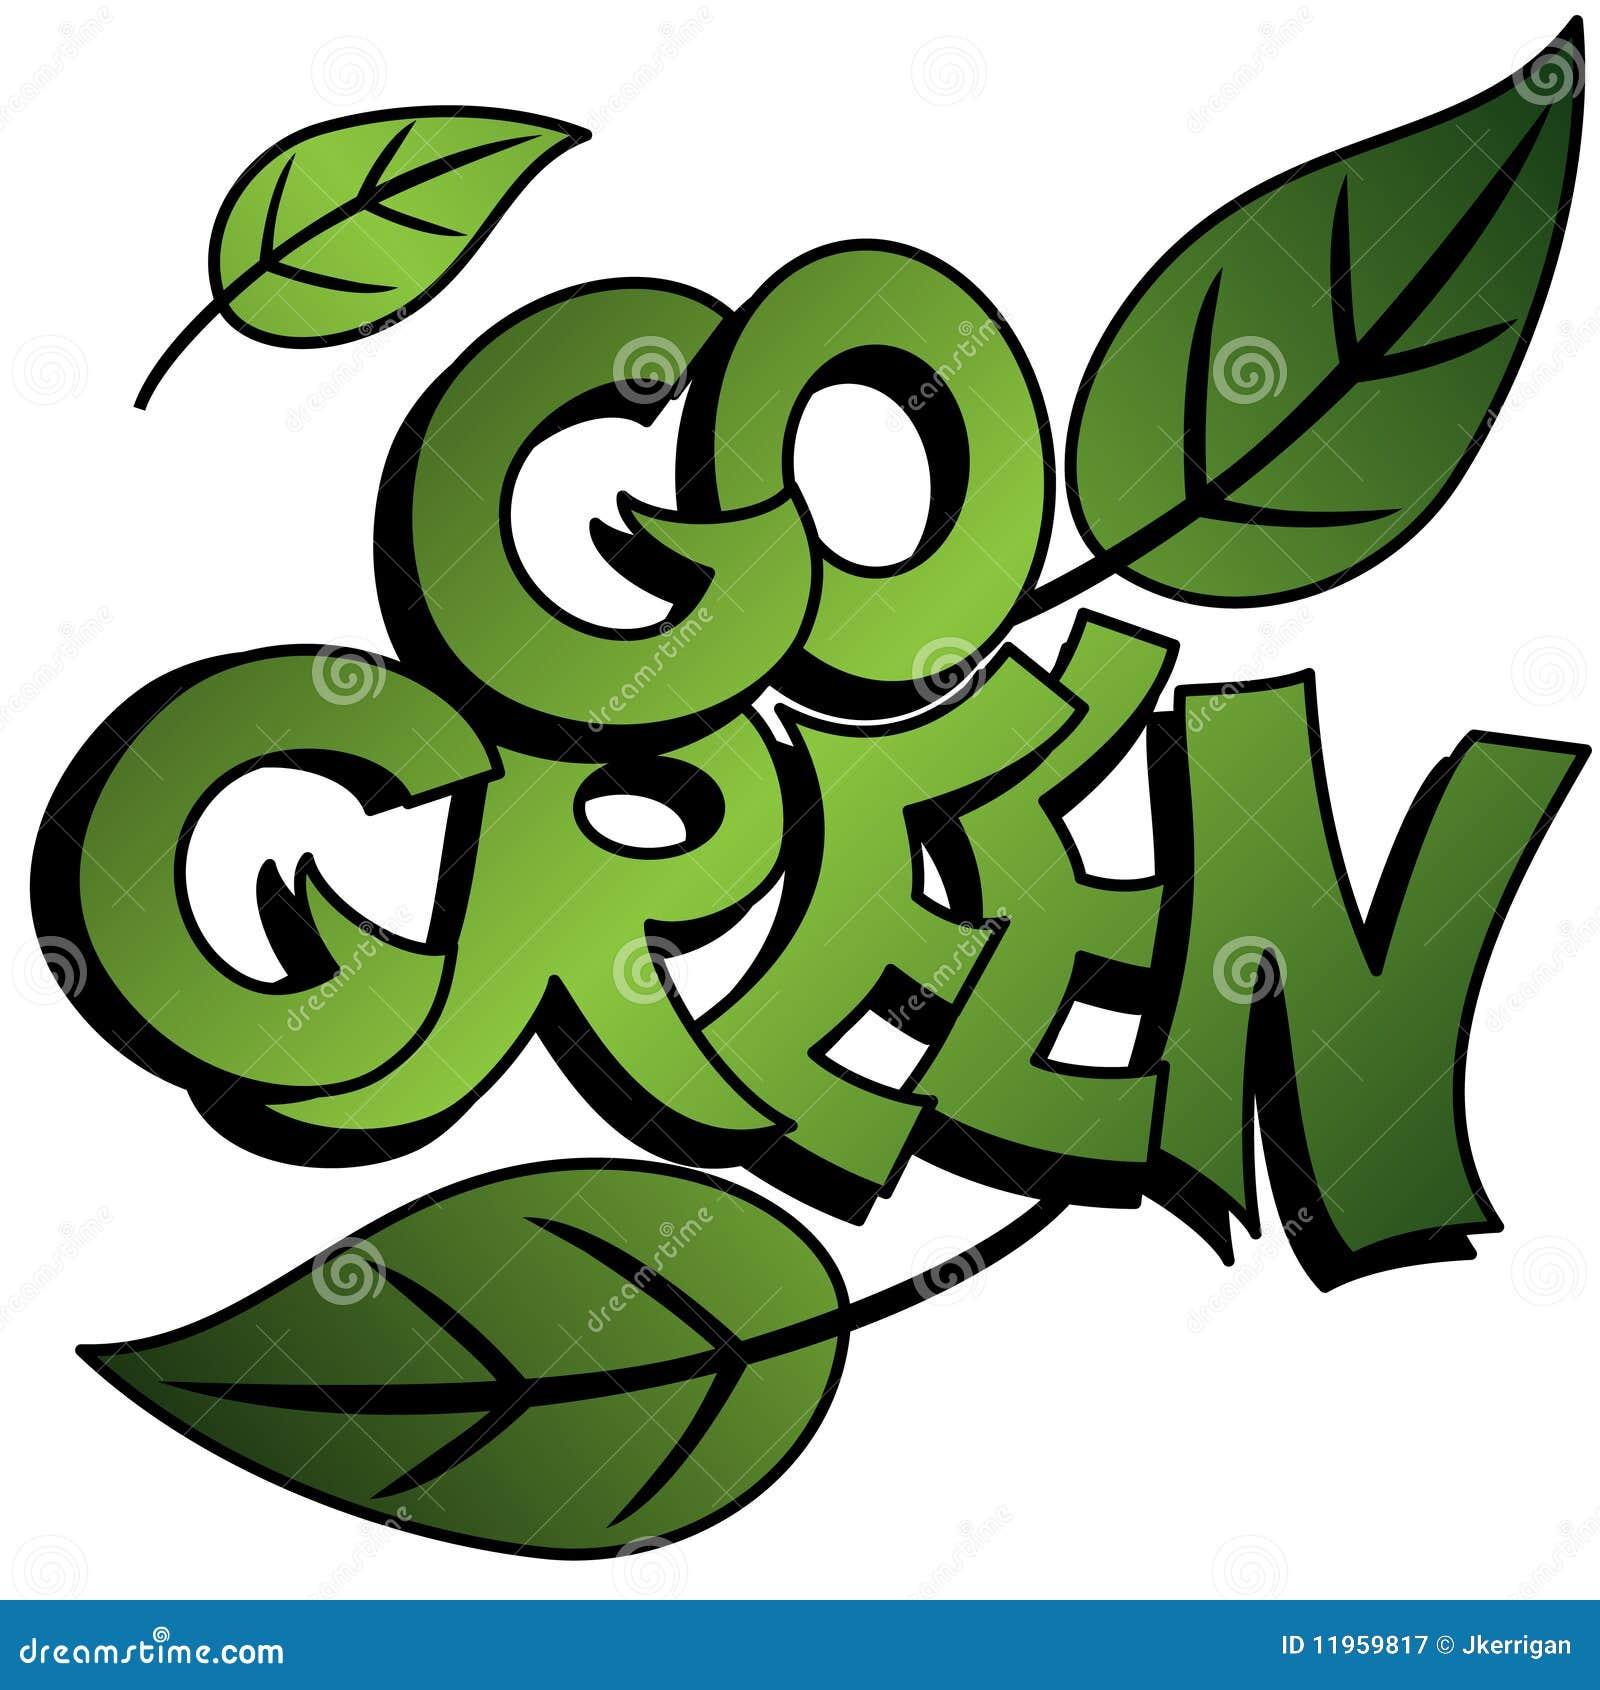 Download 61+ Gambar Graffiti Go Green Terbaik Gratis